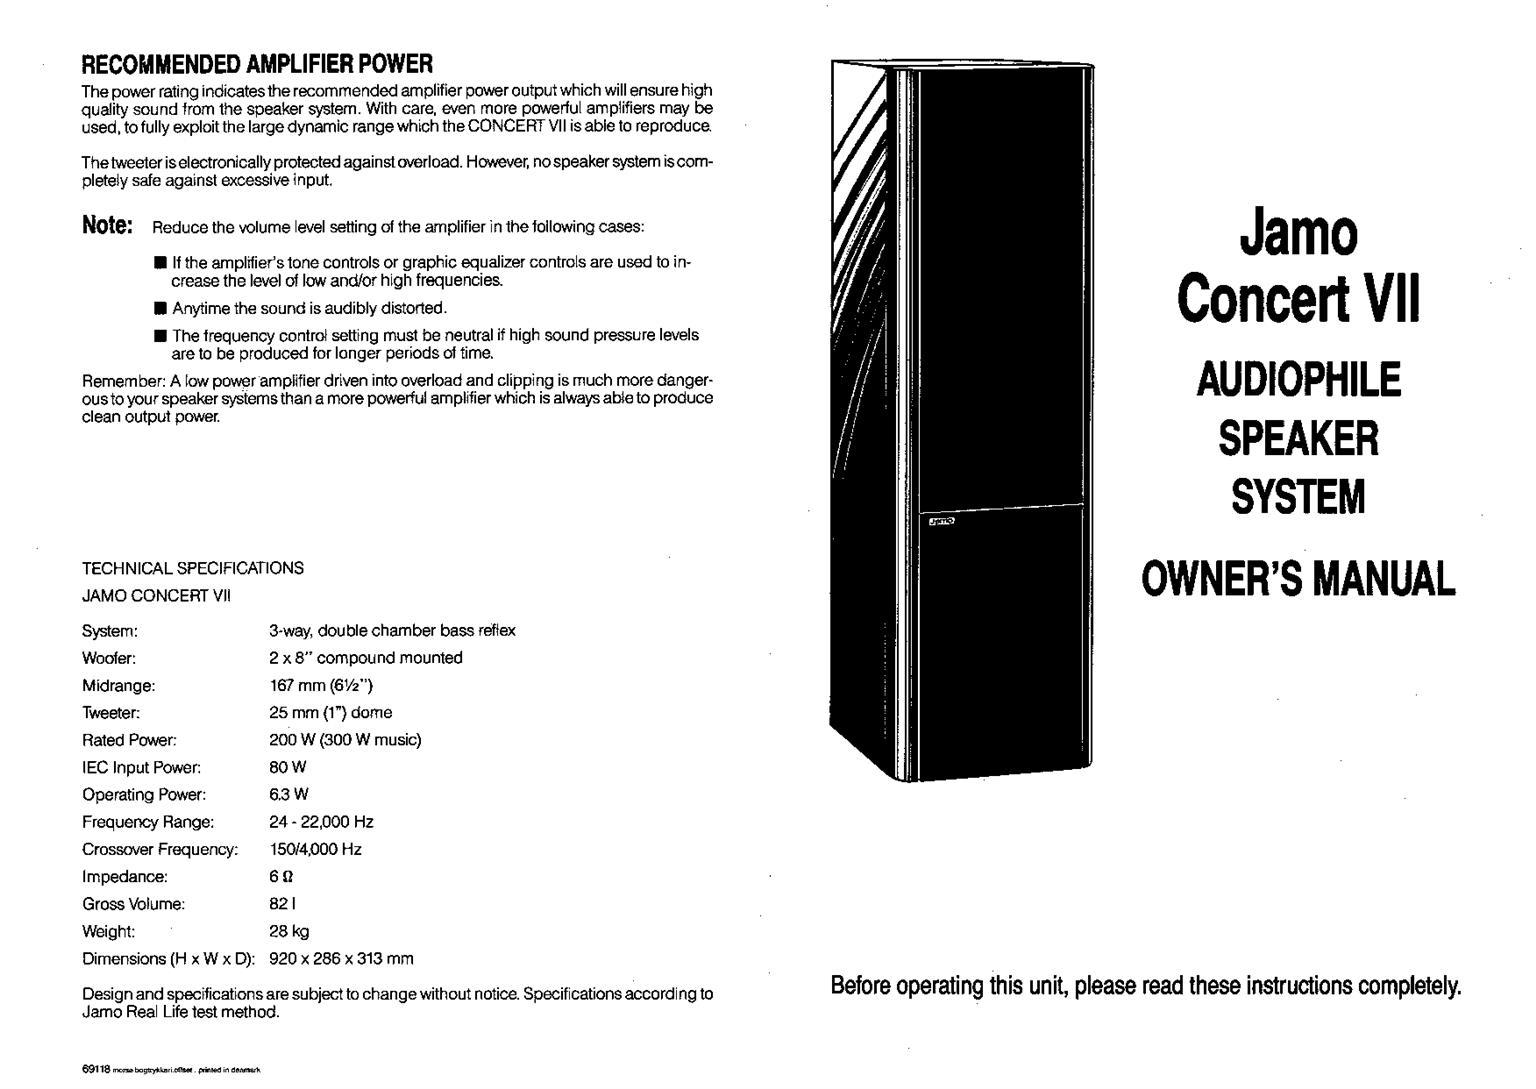 JAMO CONCERT 7 LOUDSPEAKERS